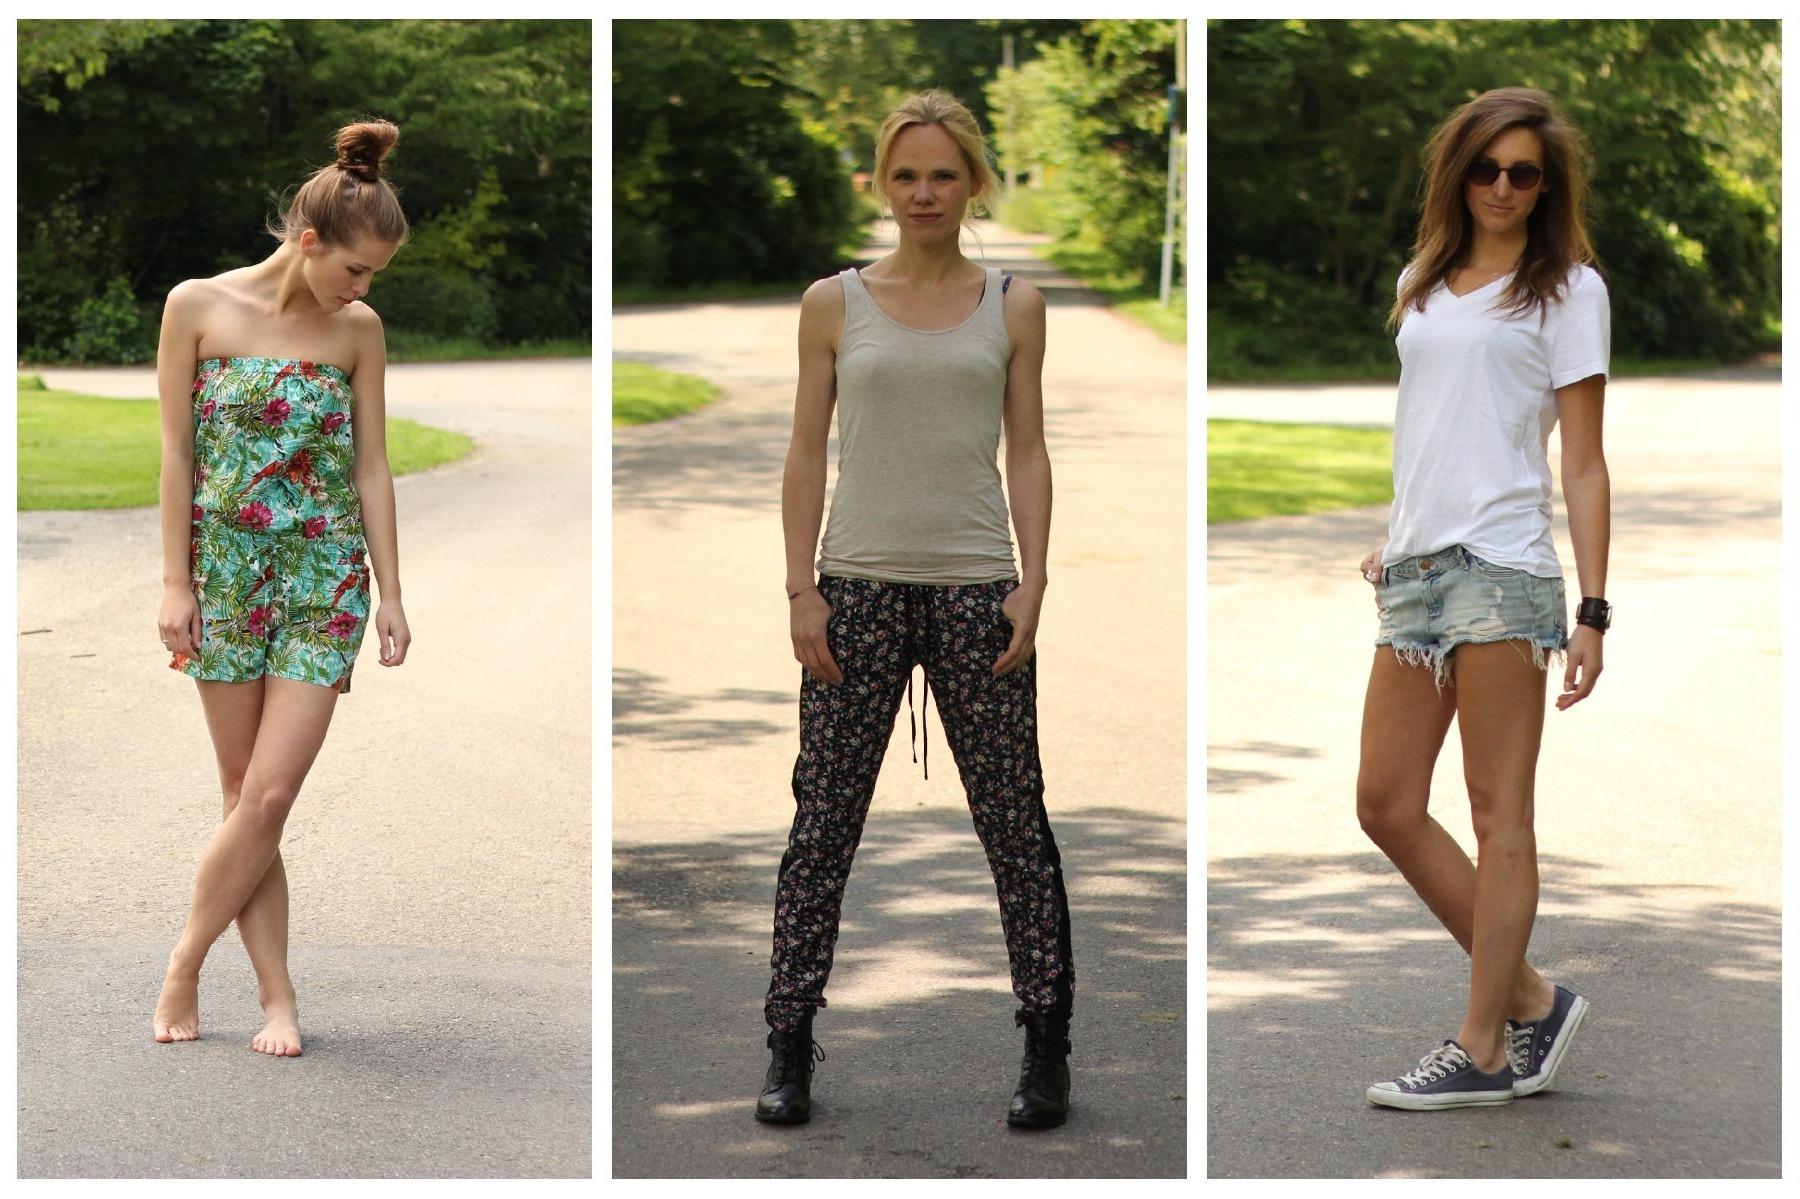 80bc43c9dae555 De favoriete zomeritems van de redactie - Fashionblog - Proud2bme